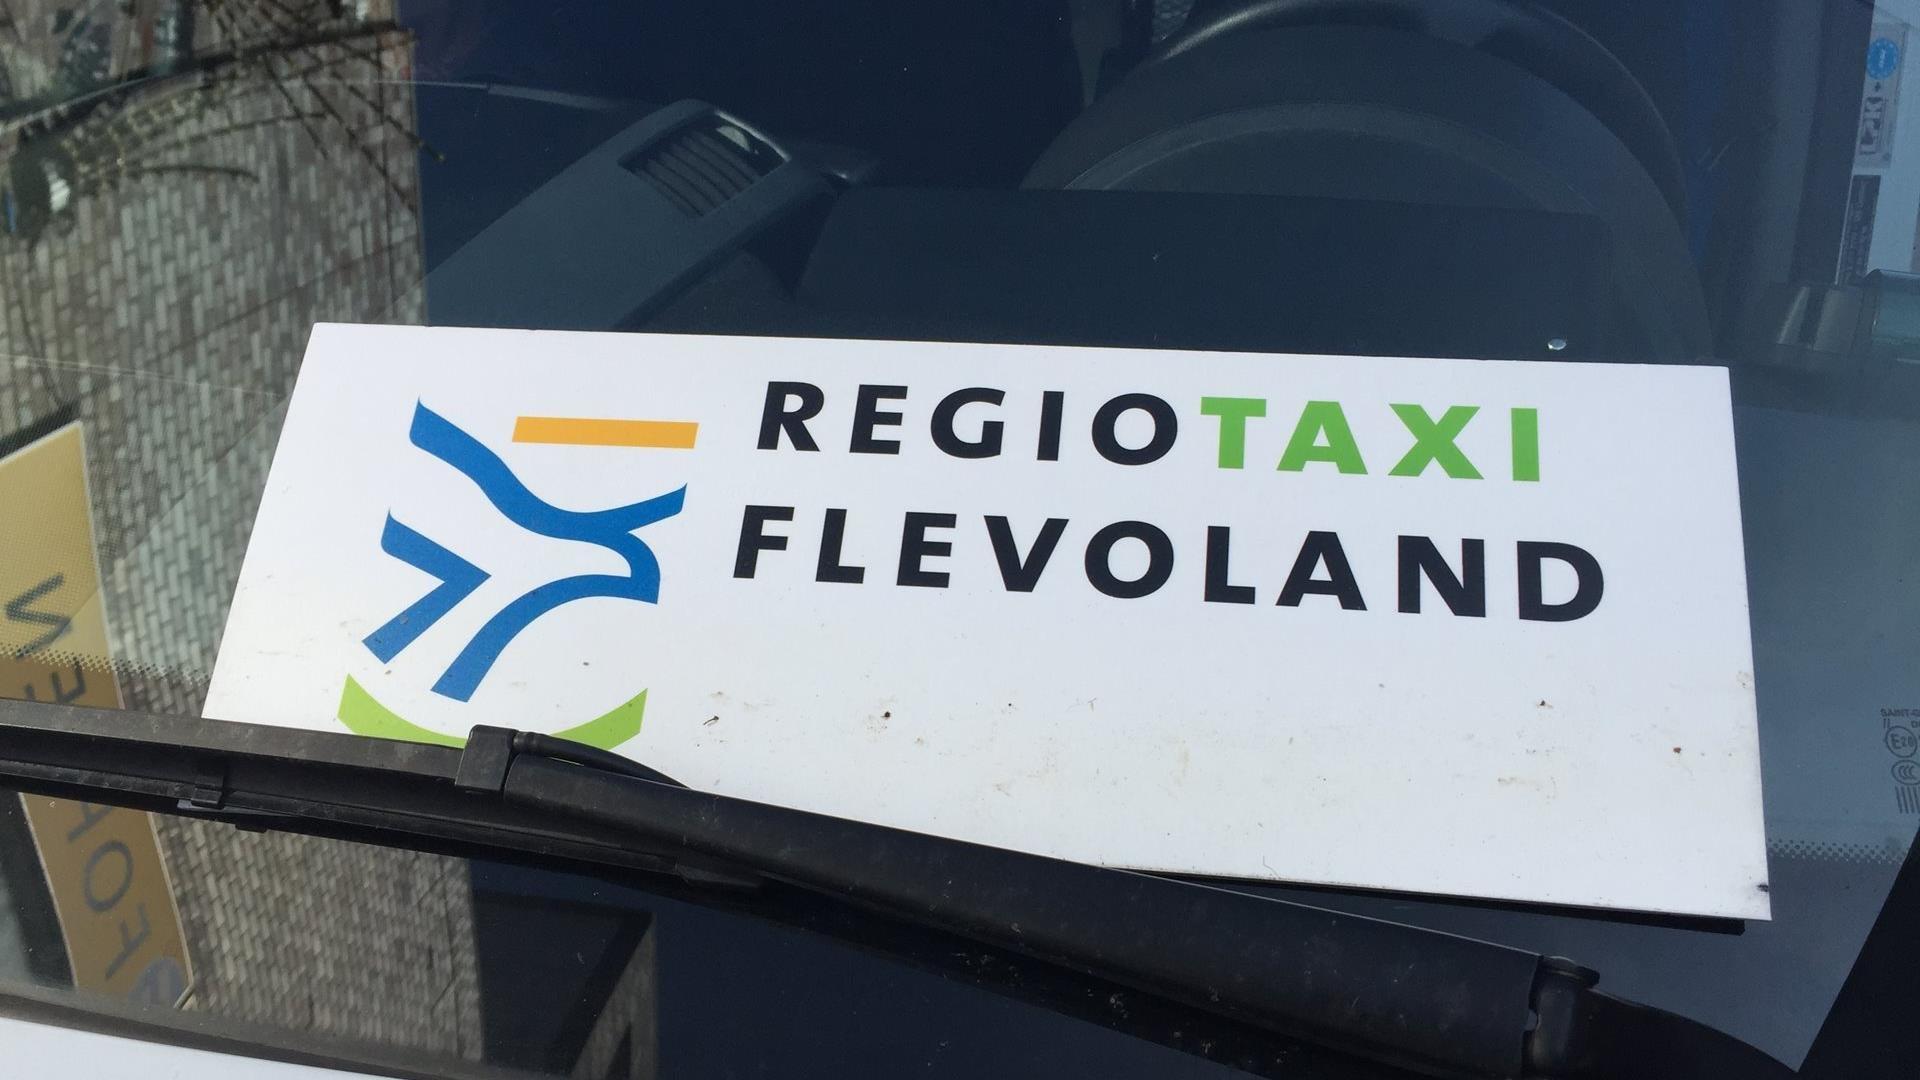 Bordje met Regiotaxi Flevoland erop